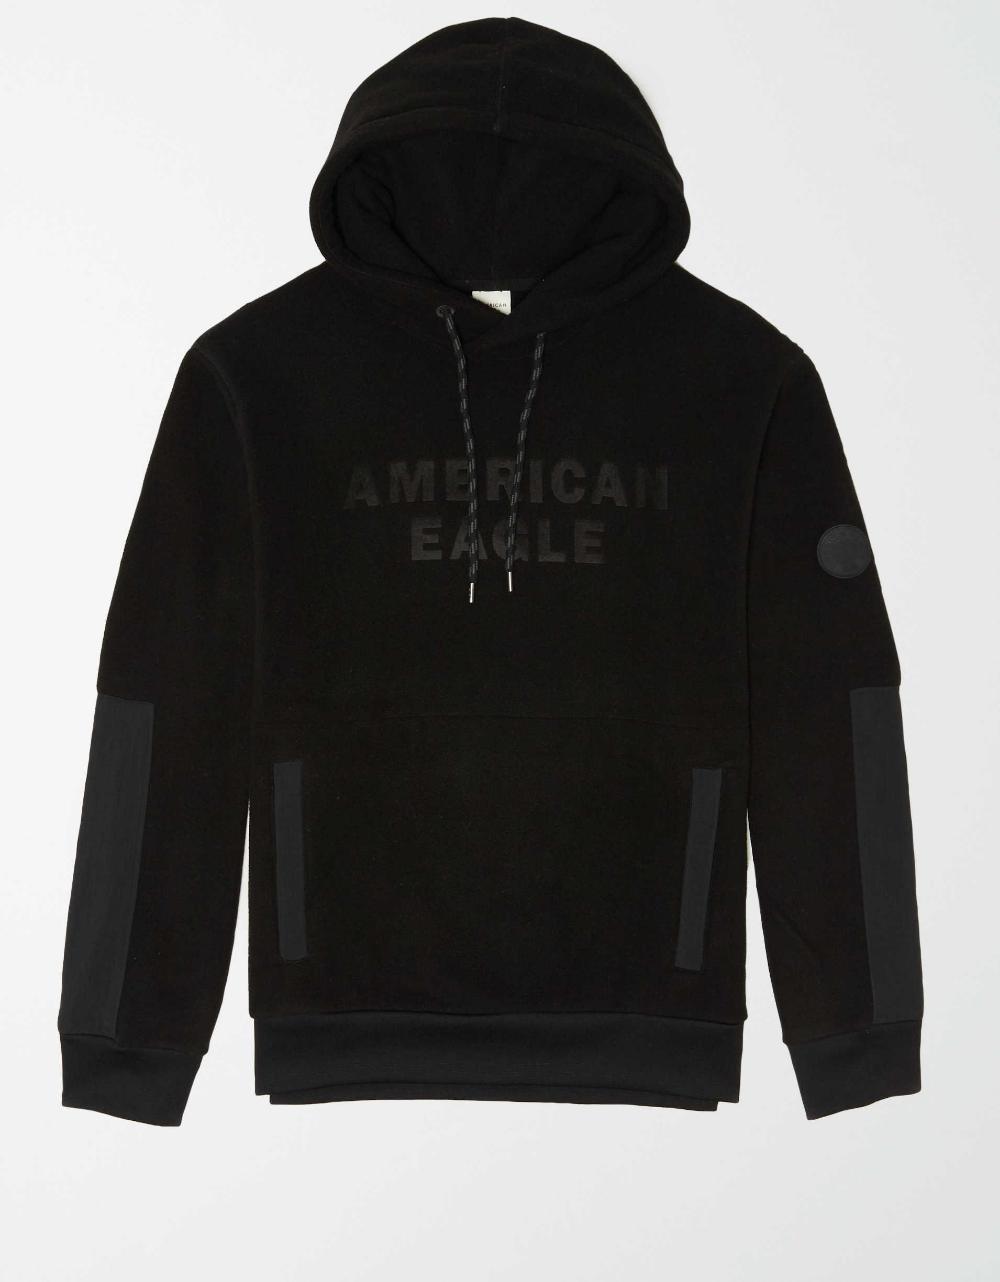 Ae Polar Fleece Logo Hoodie Hoodies Mens Outfitters Hoodies Men [ 1282 x 1000 Pixel ]